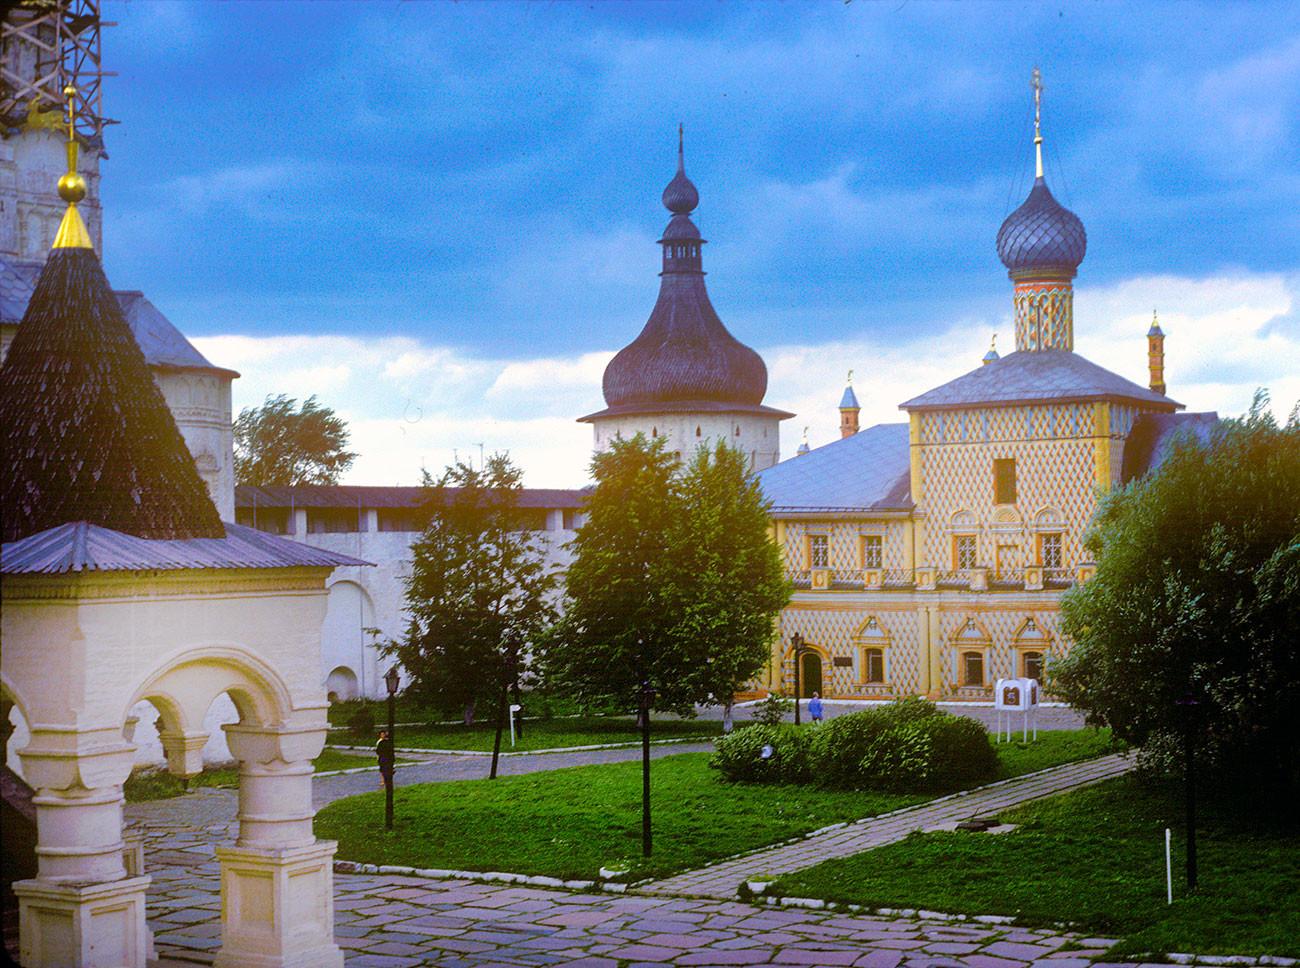 Kremlin de Rostov. Torre de la esquina noroeste e iglesia del Icono de Odighitria, vista desde las Cámaras del Metropolitano. 7 de agosto de 1987.